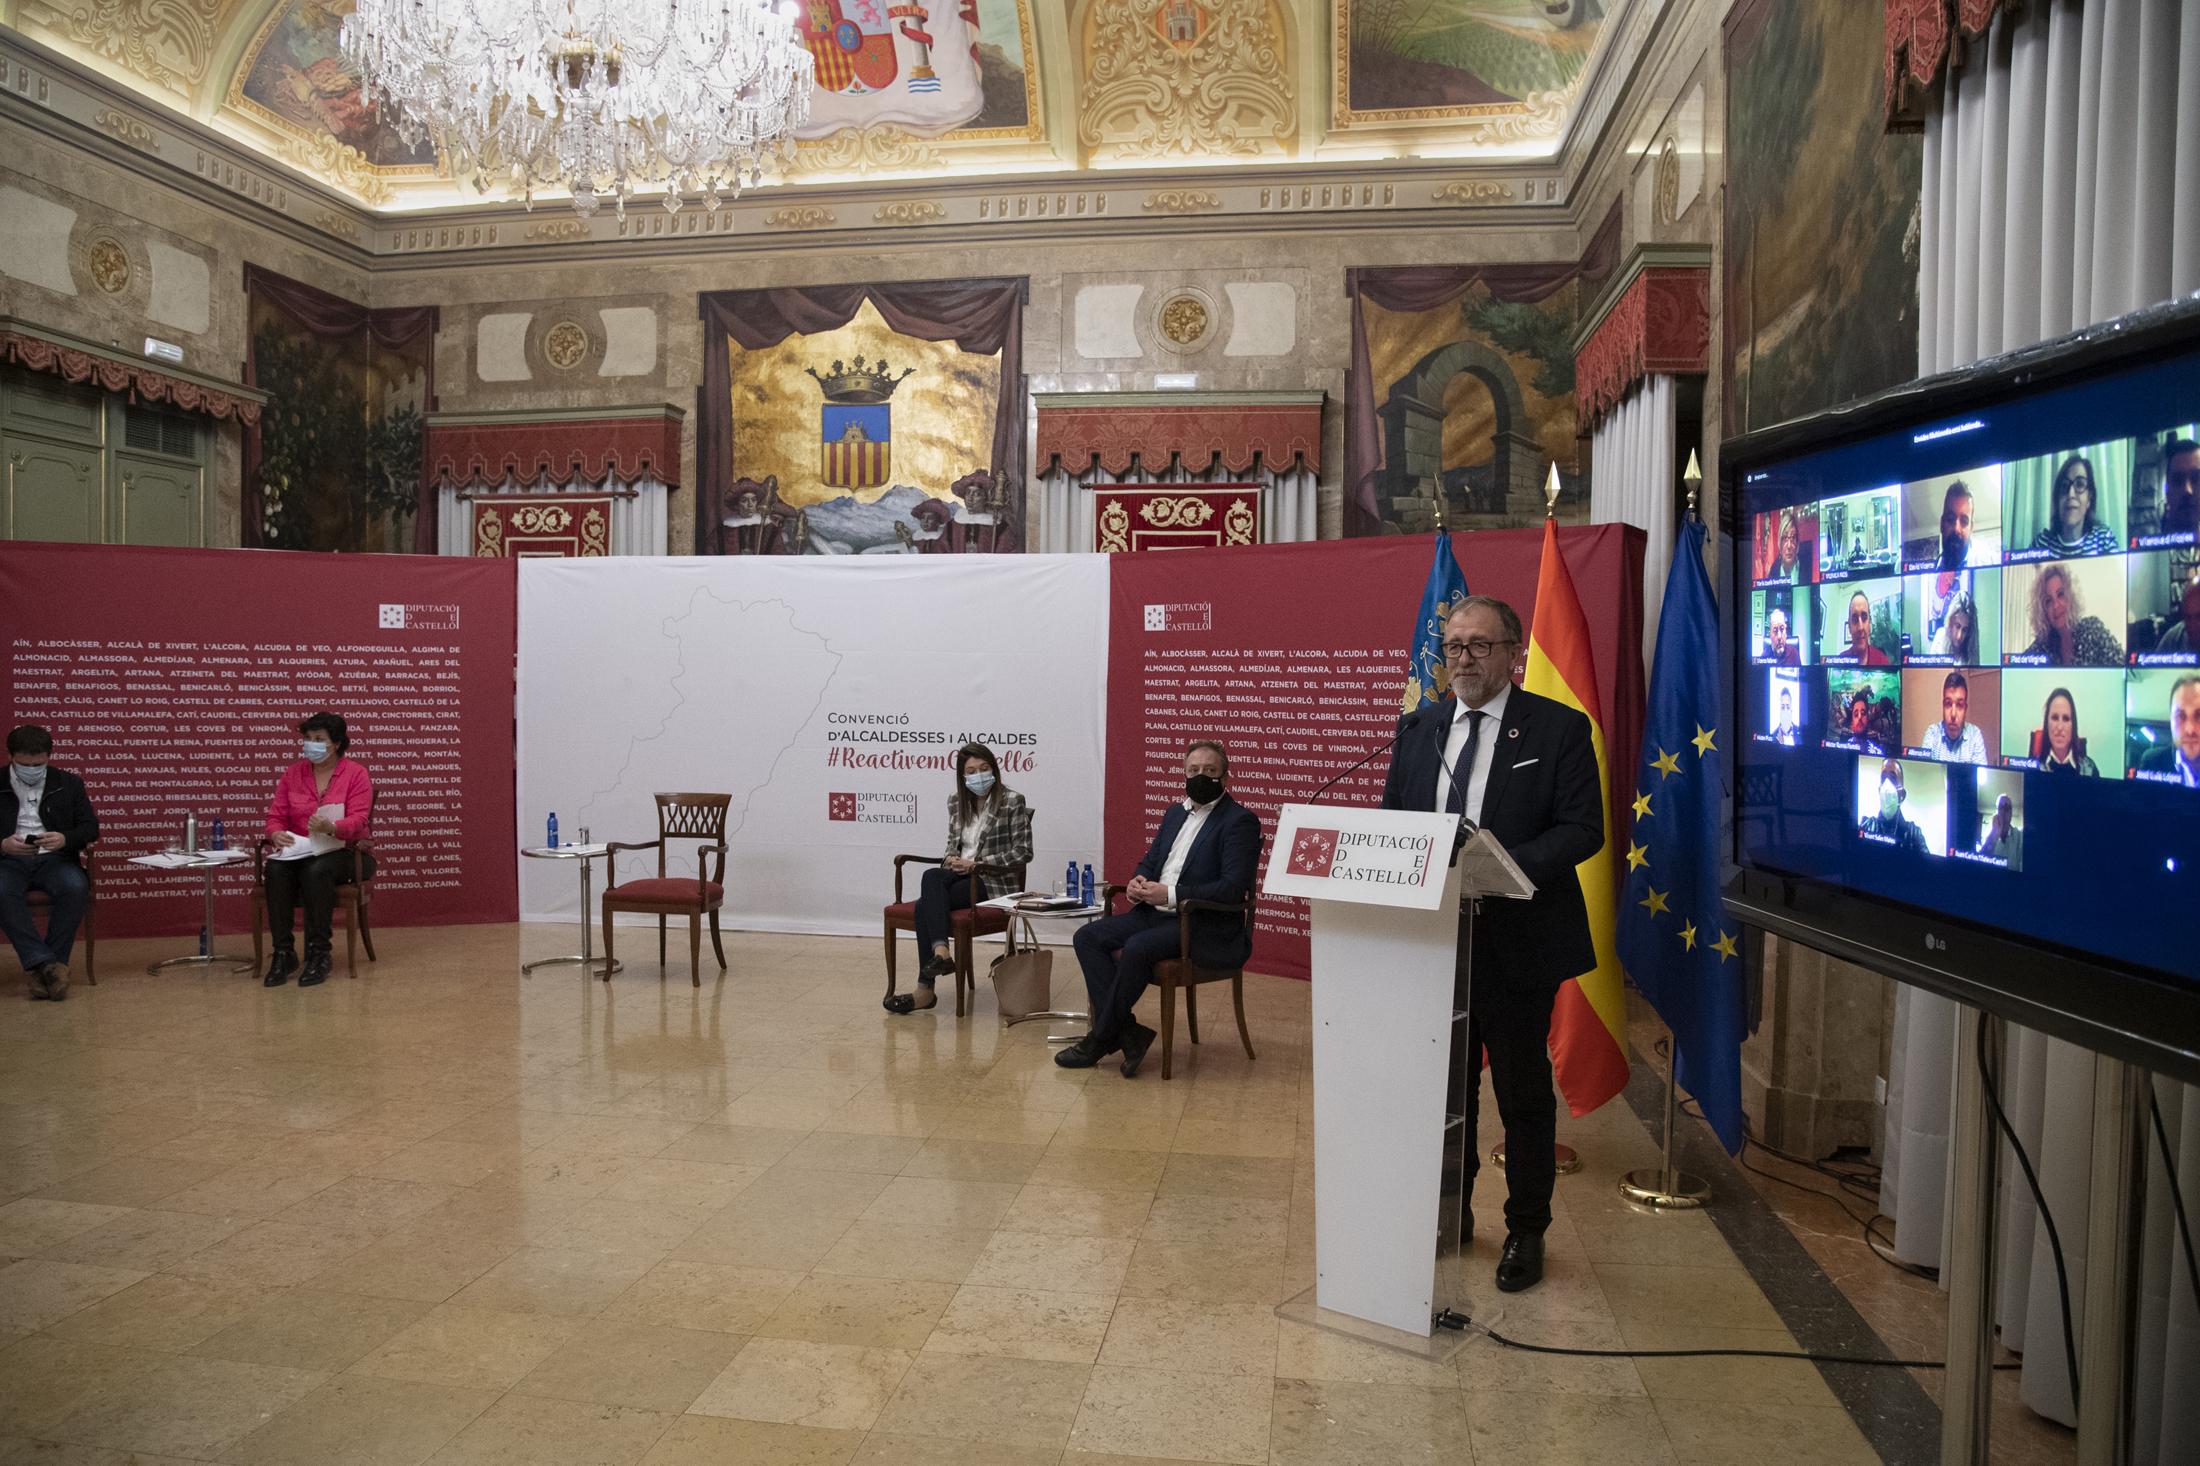 José Martí destaca los 10 millones de euros invertidos en la Plana Alta y apela al trabajo conjunto en 2021